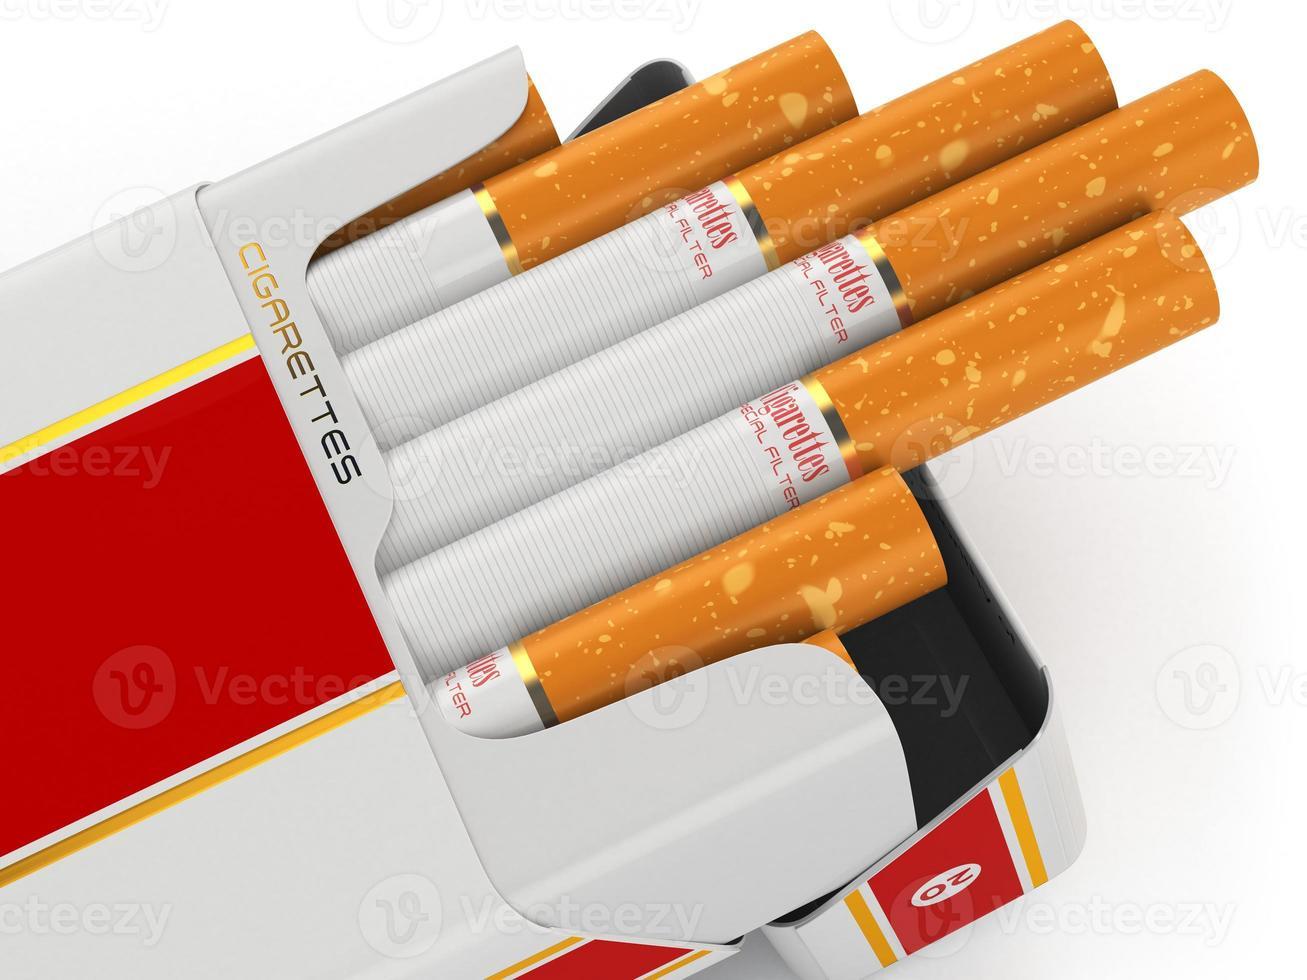 pacchetto di sigarette generico su sfondo bianco. foto